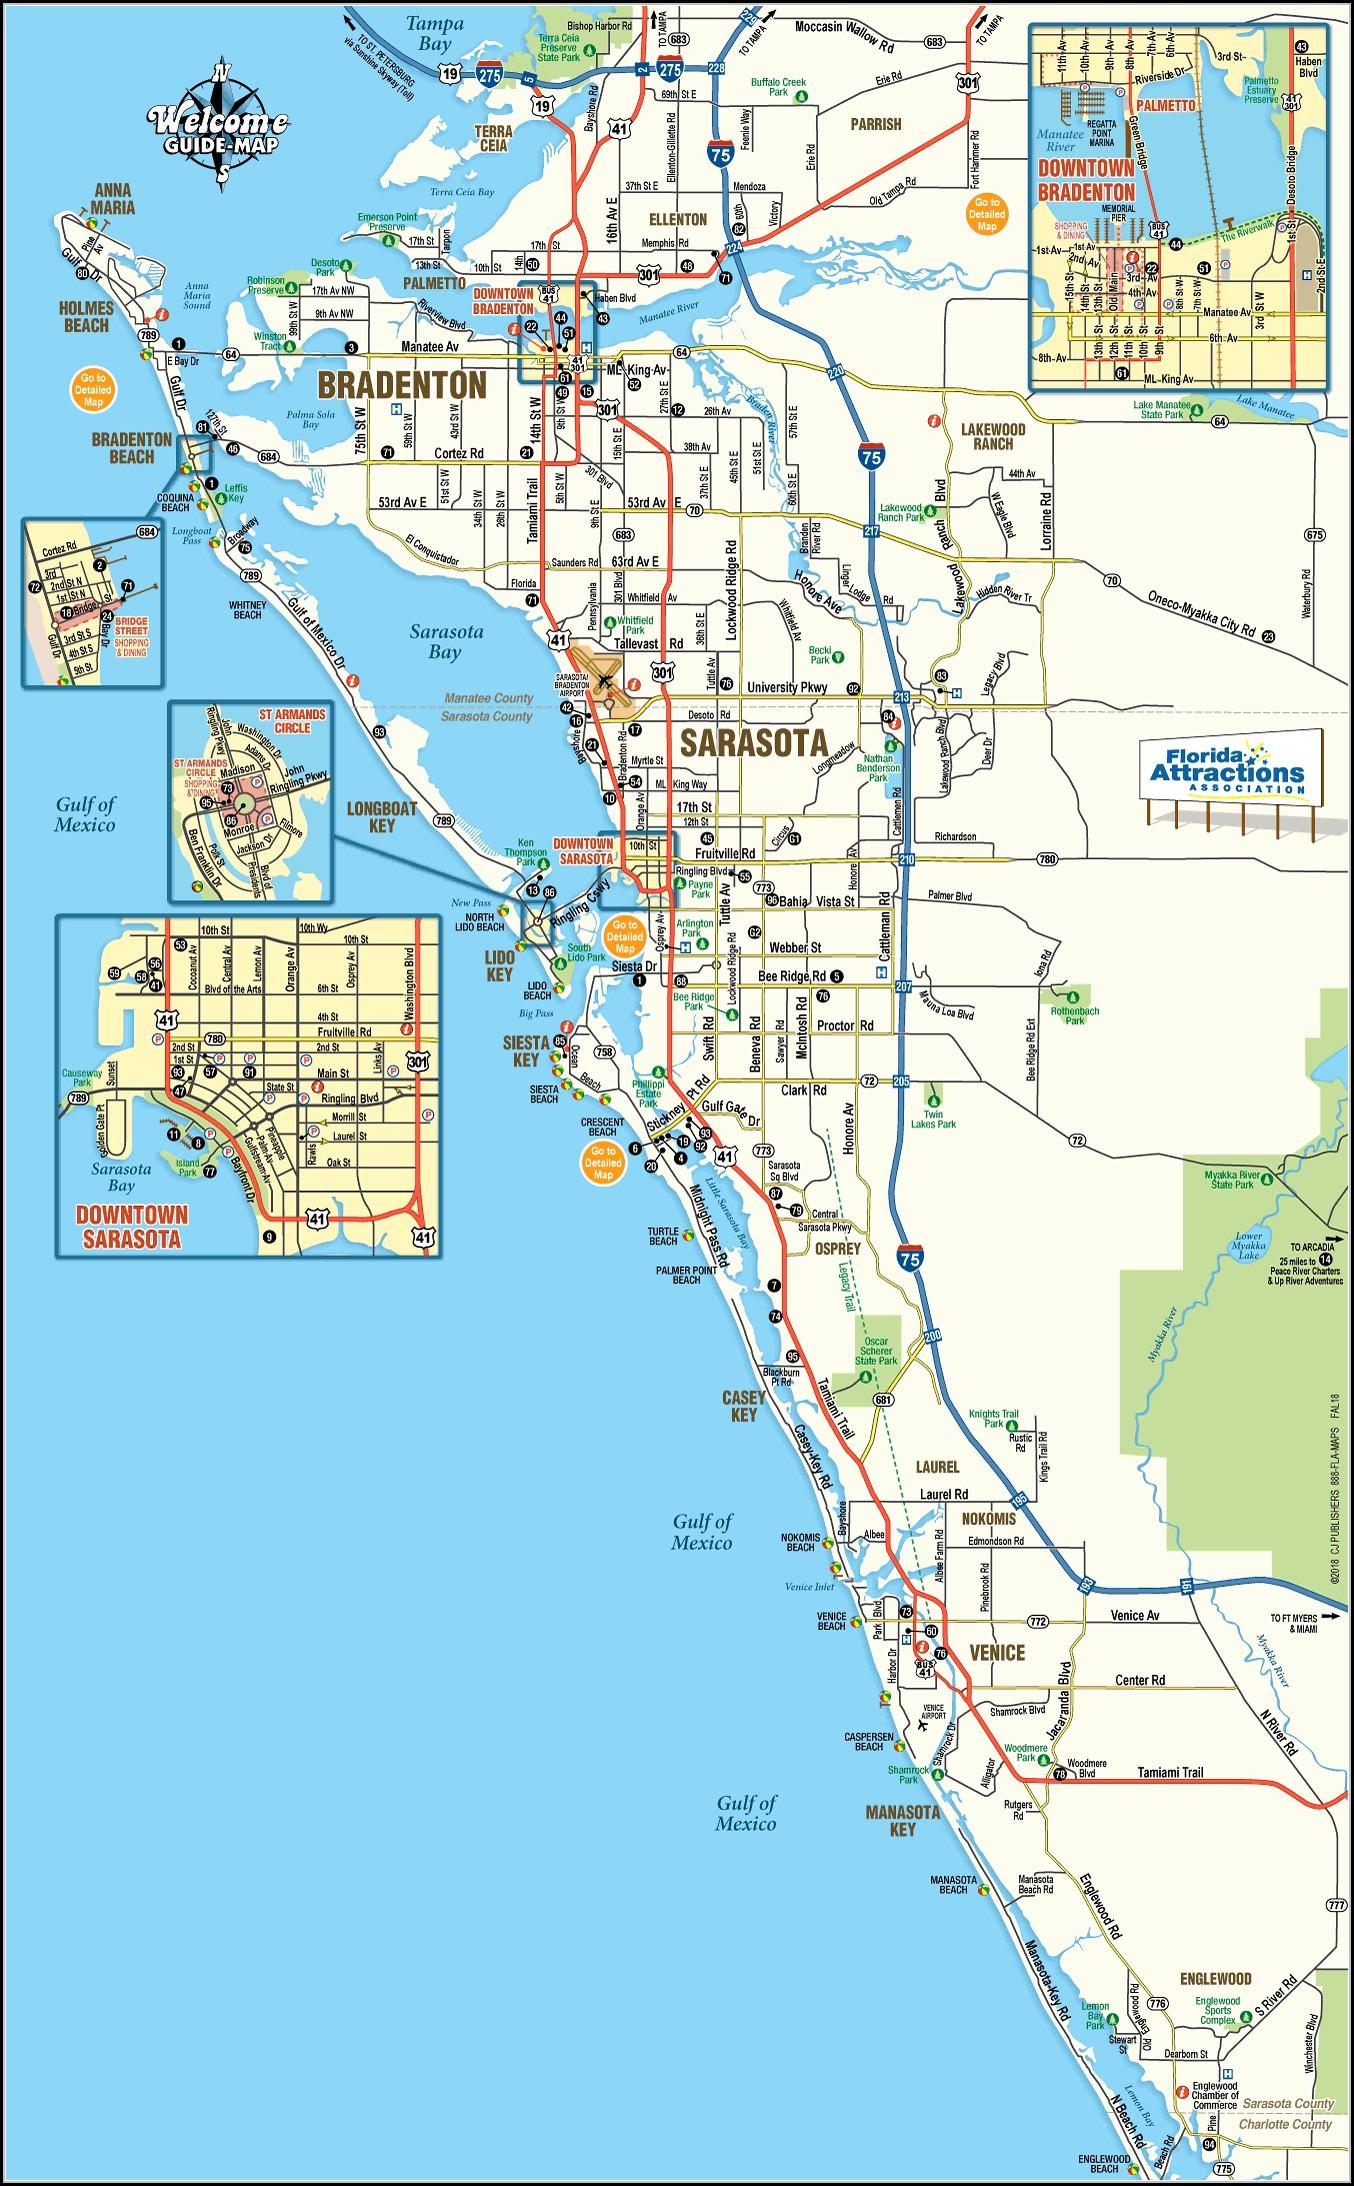 Map Of Sarasota Florida - Map : Resume Examples #ygkzkd53P9 - Map Of Sarasota Florida Area